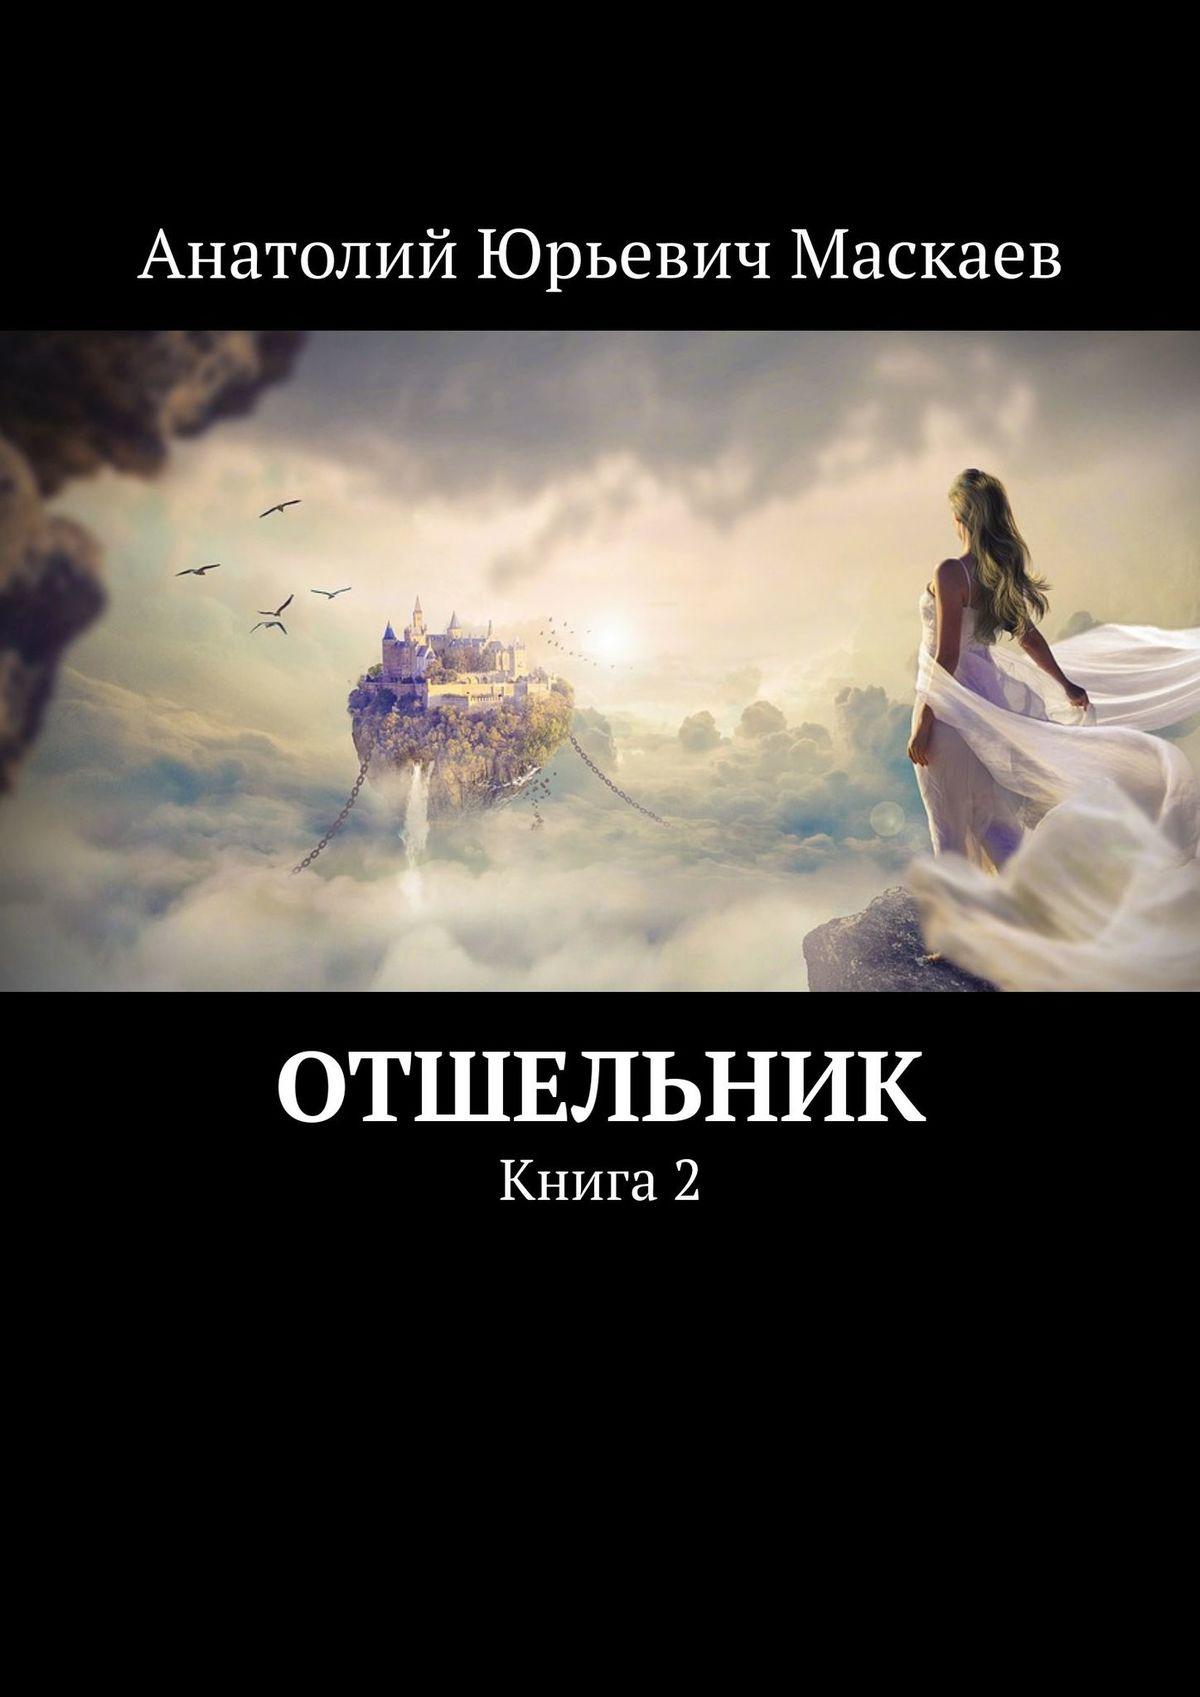 Анатолий Маскаев Отшельник. Книга2 горшков александр касьянович отшельник книга 1